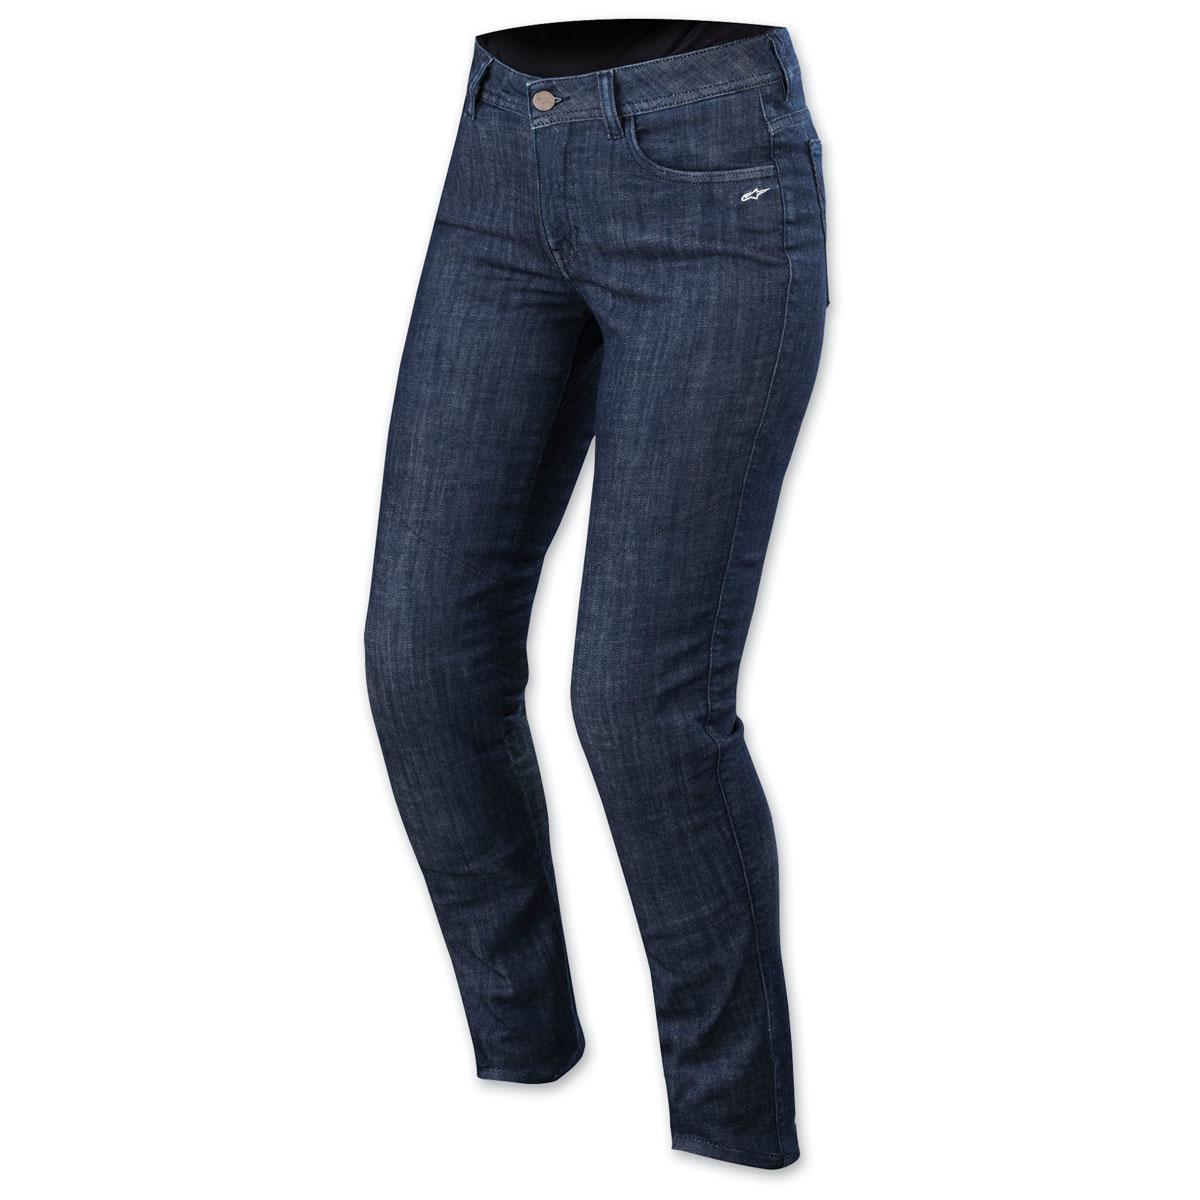 Alpinestars Women's Stella Courtney Dark Wash Denim Pants